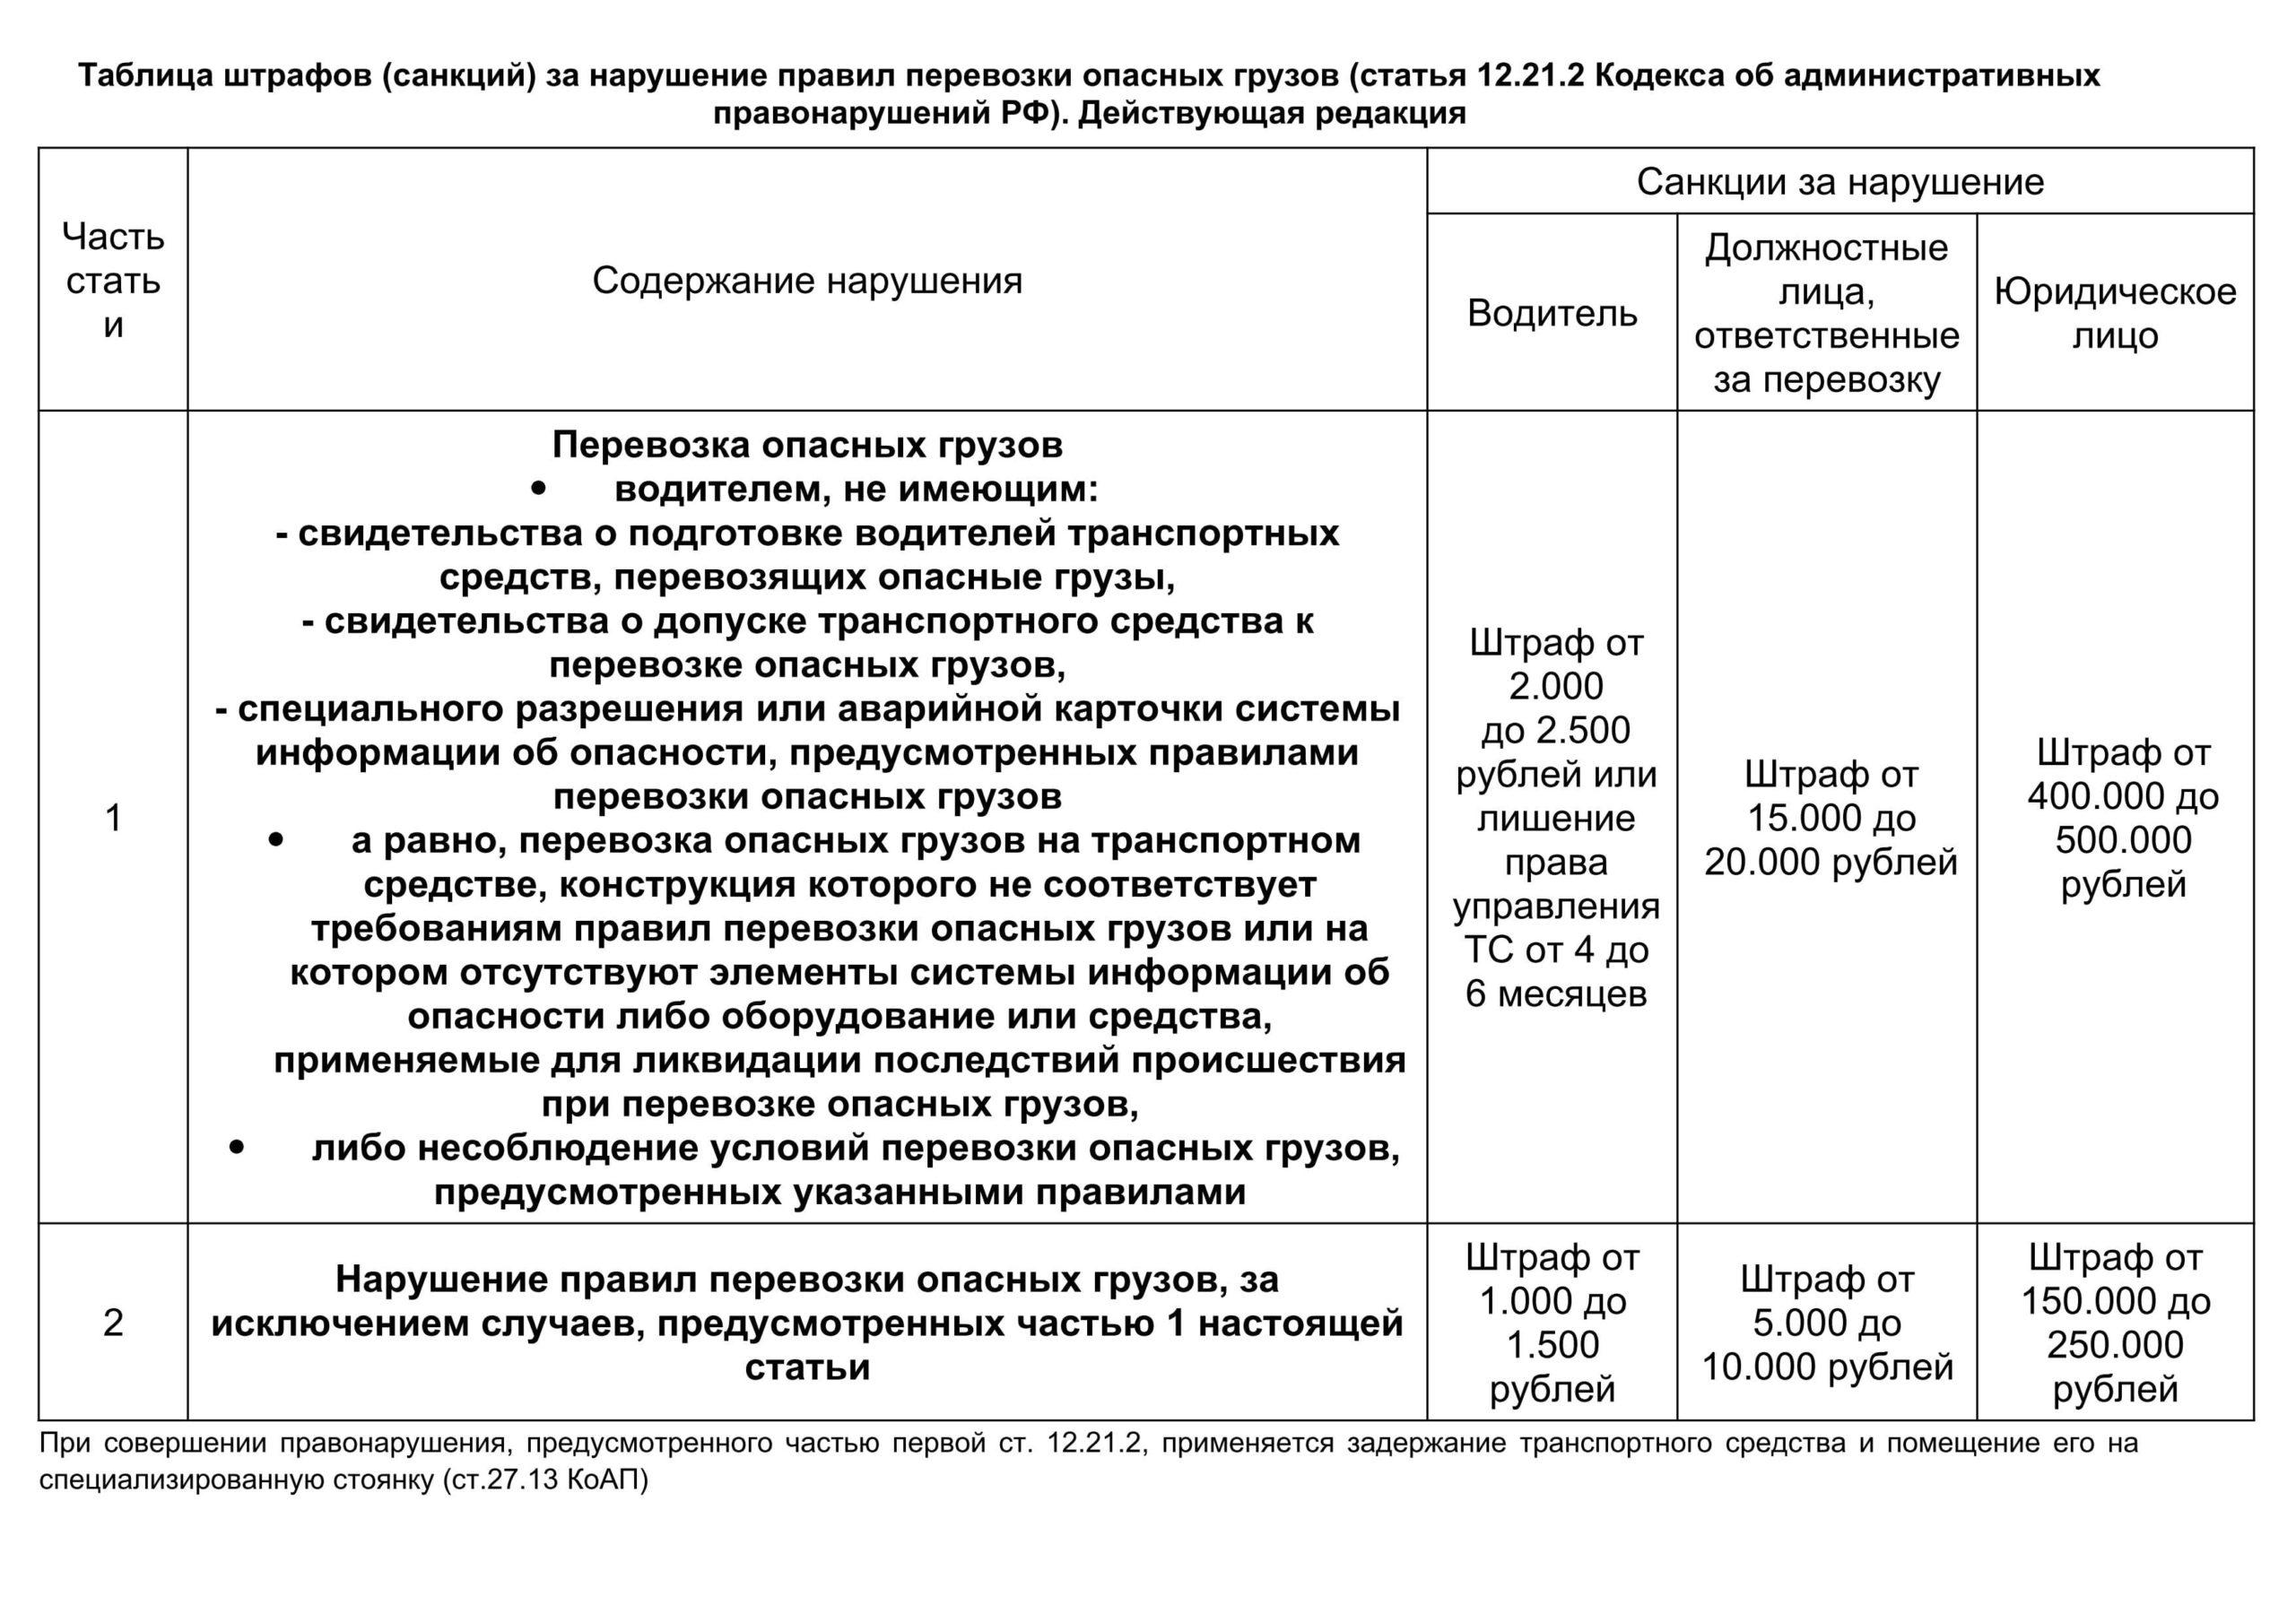 Таблица штрафов за отсутствие специального разрешения